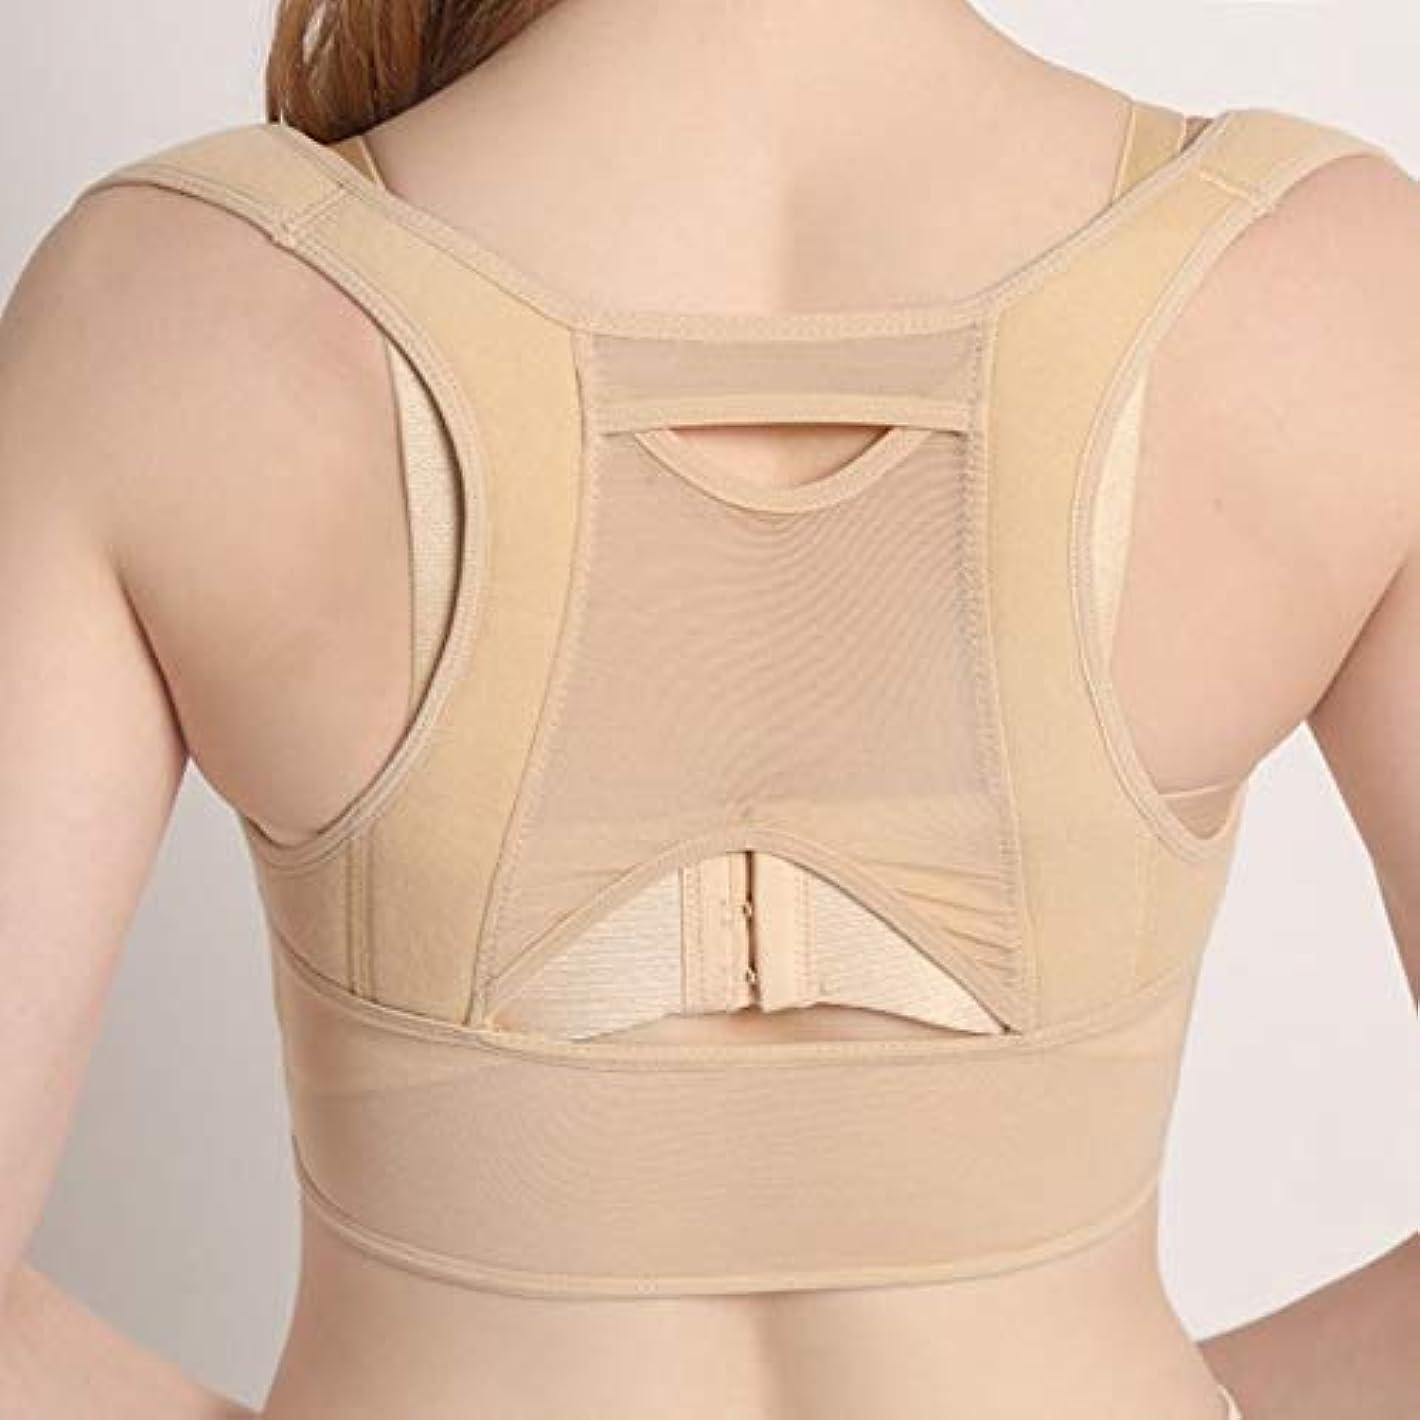 請求書オークション火炎通気性のある女性の背中の姿勢矯正コルセット整形外科の肩の背骨の背骨の姿勢矯正腰椎サポート